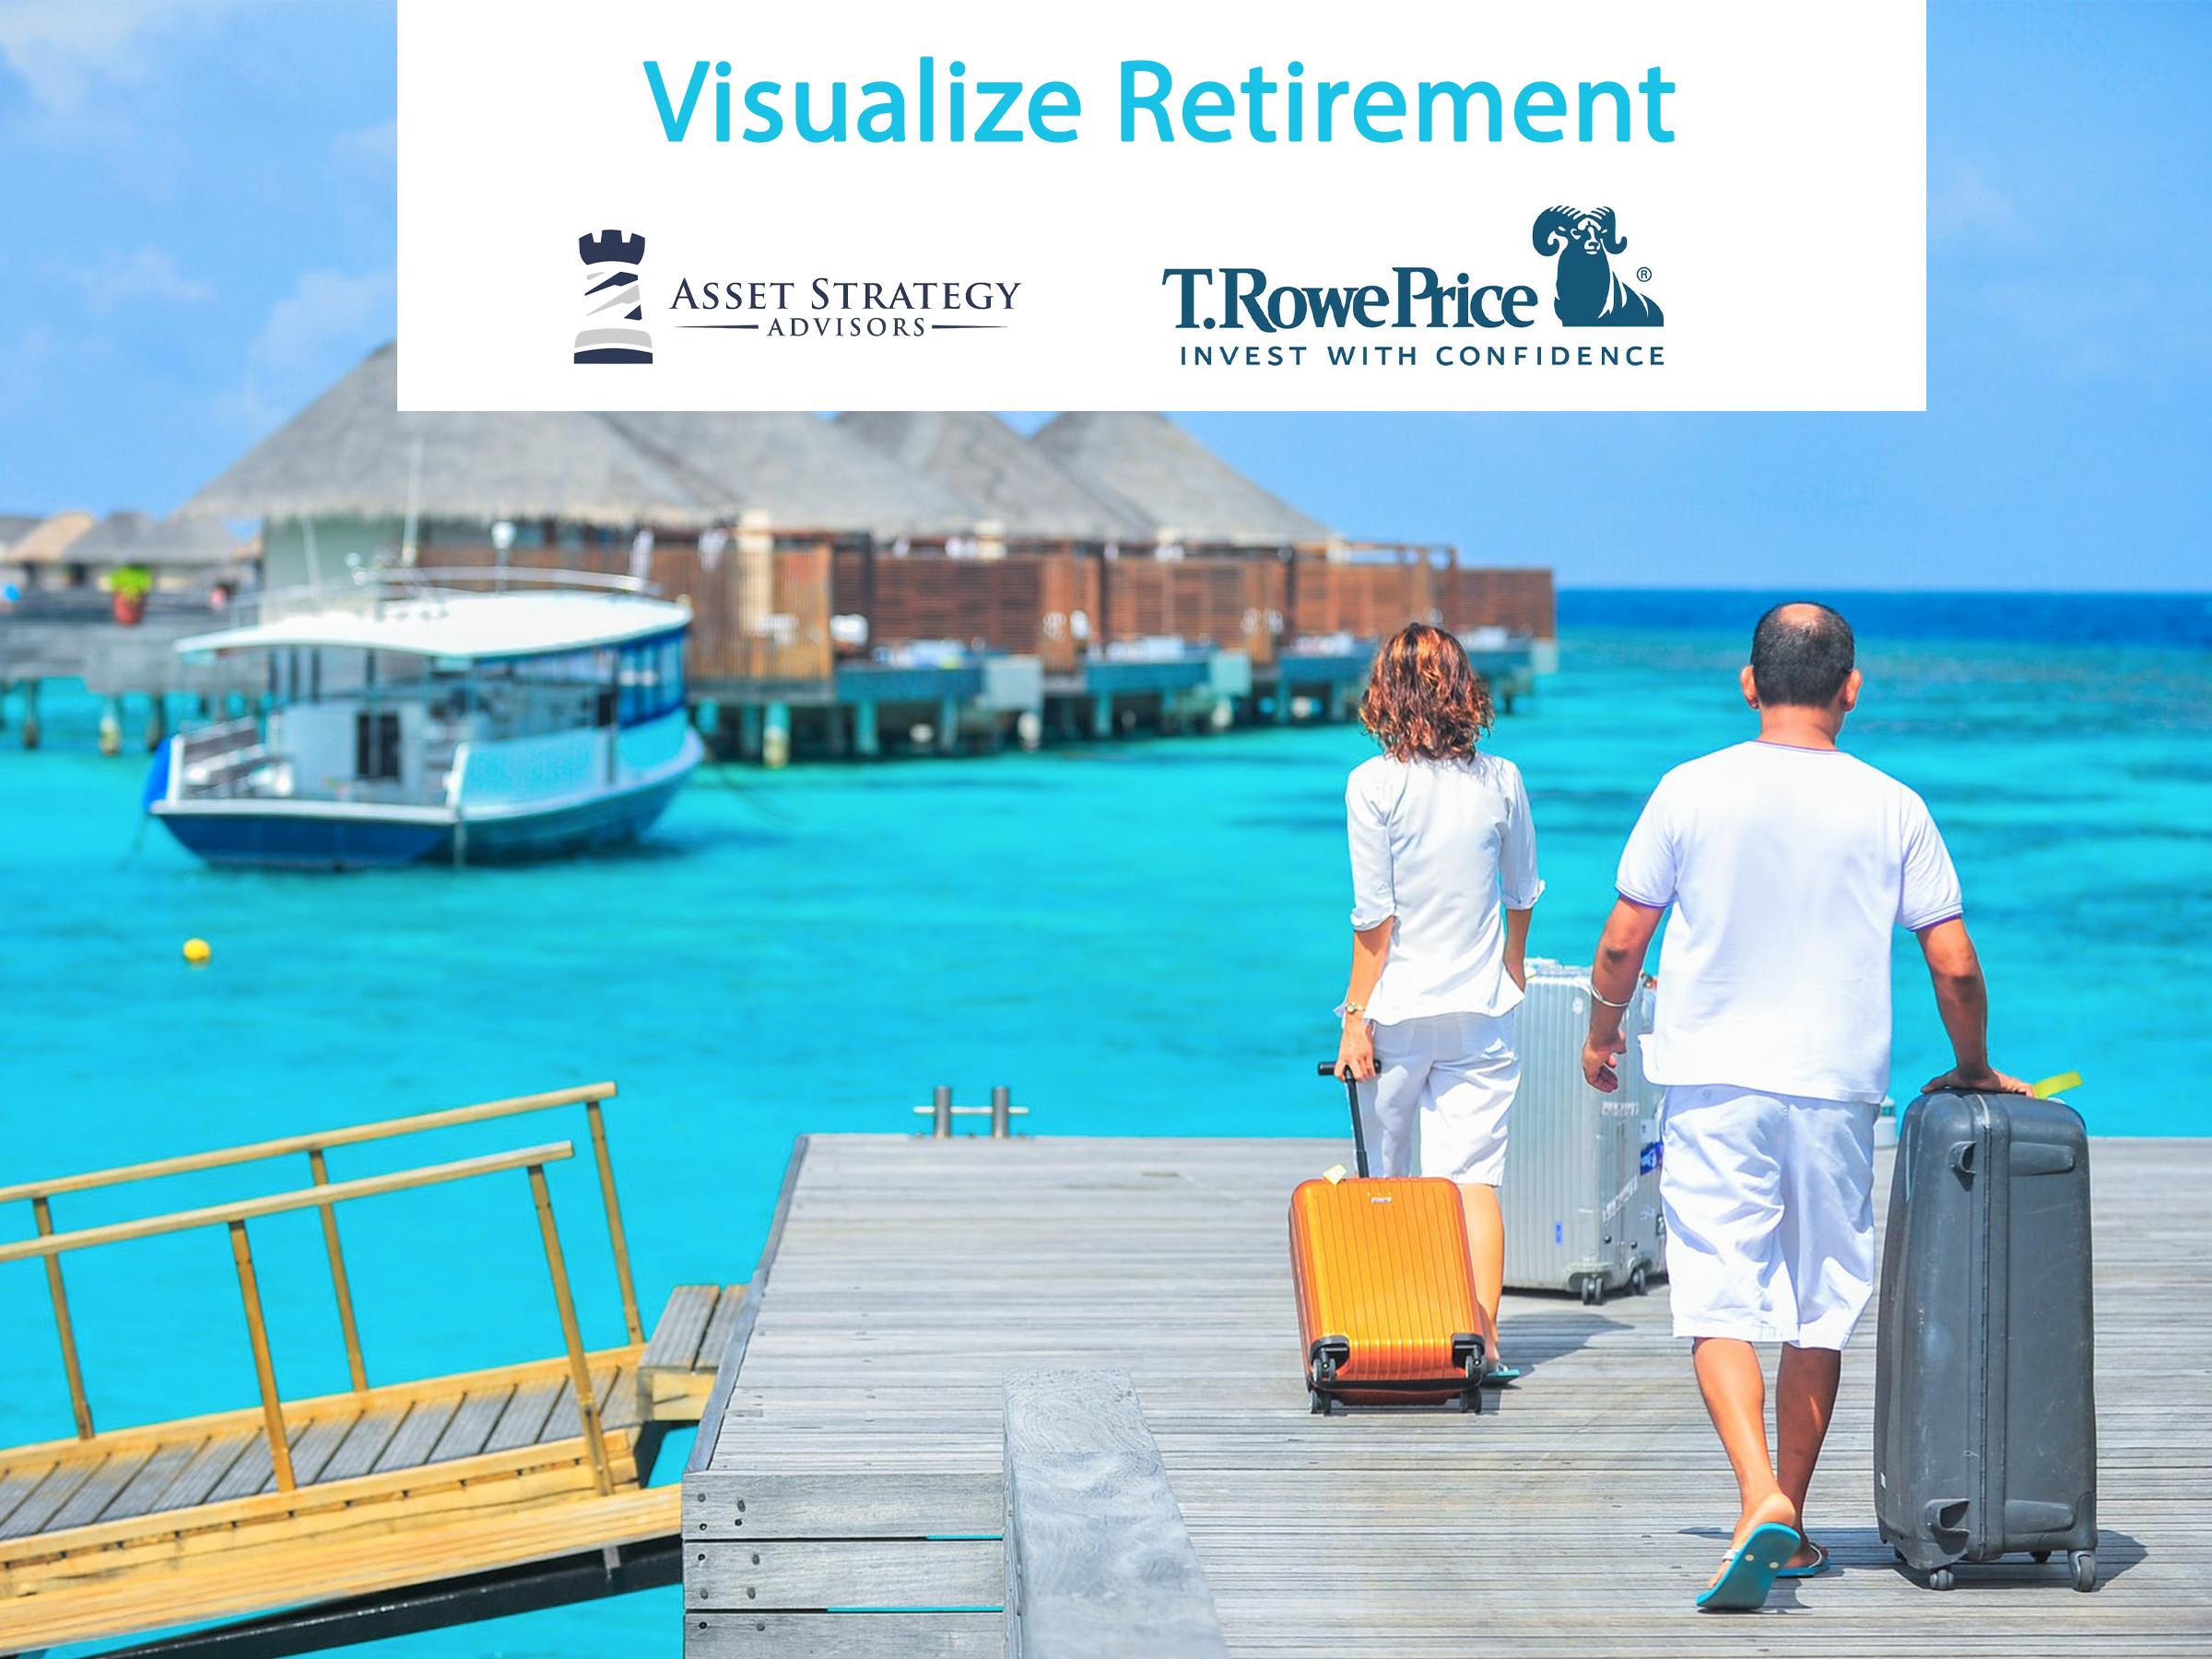 Visualize Retirement thumbnail.jpg